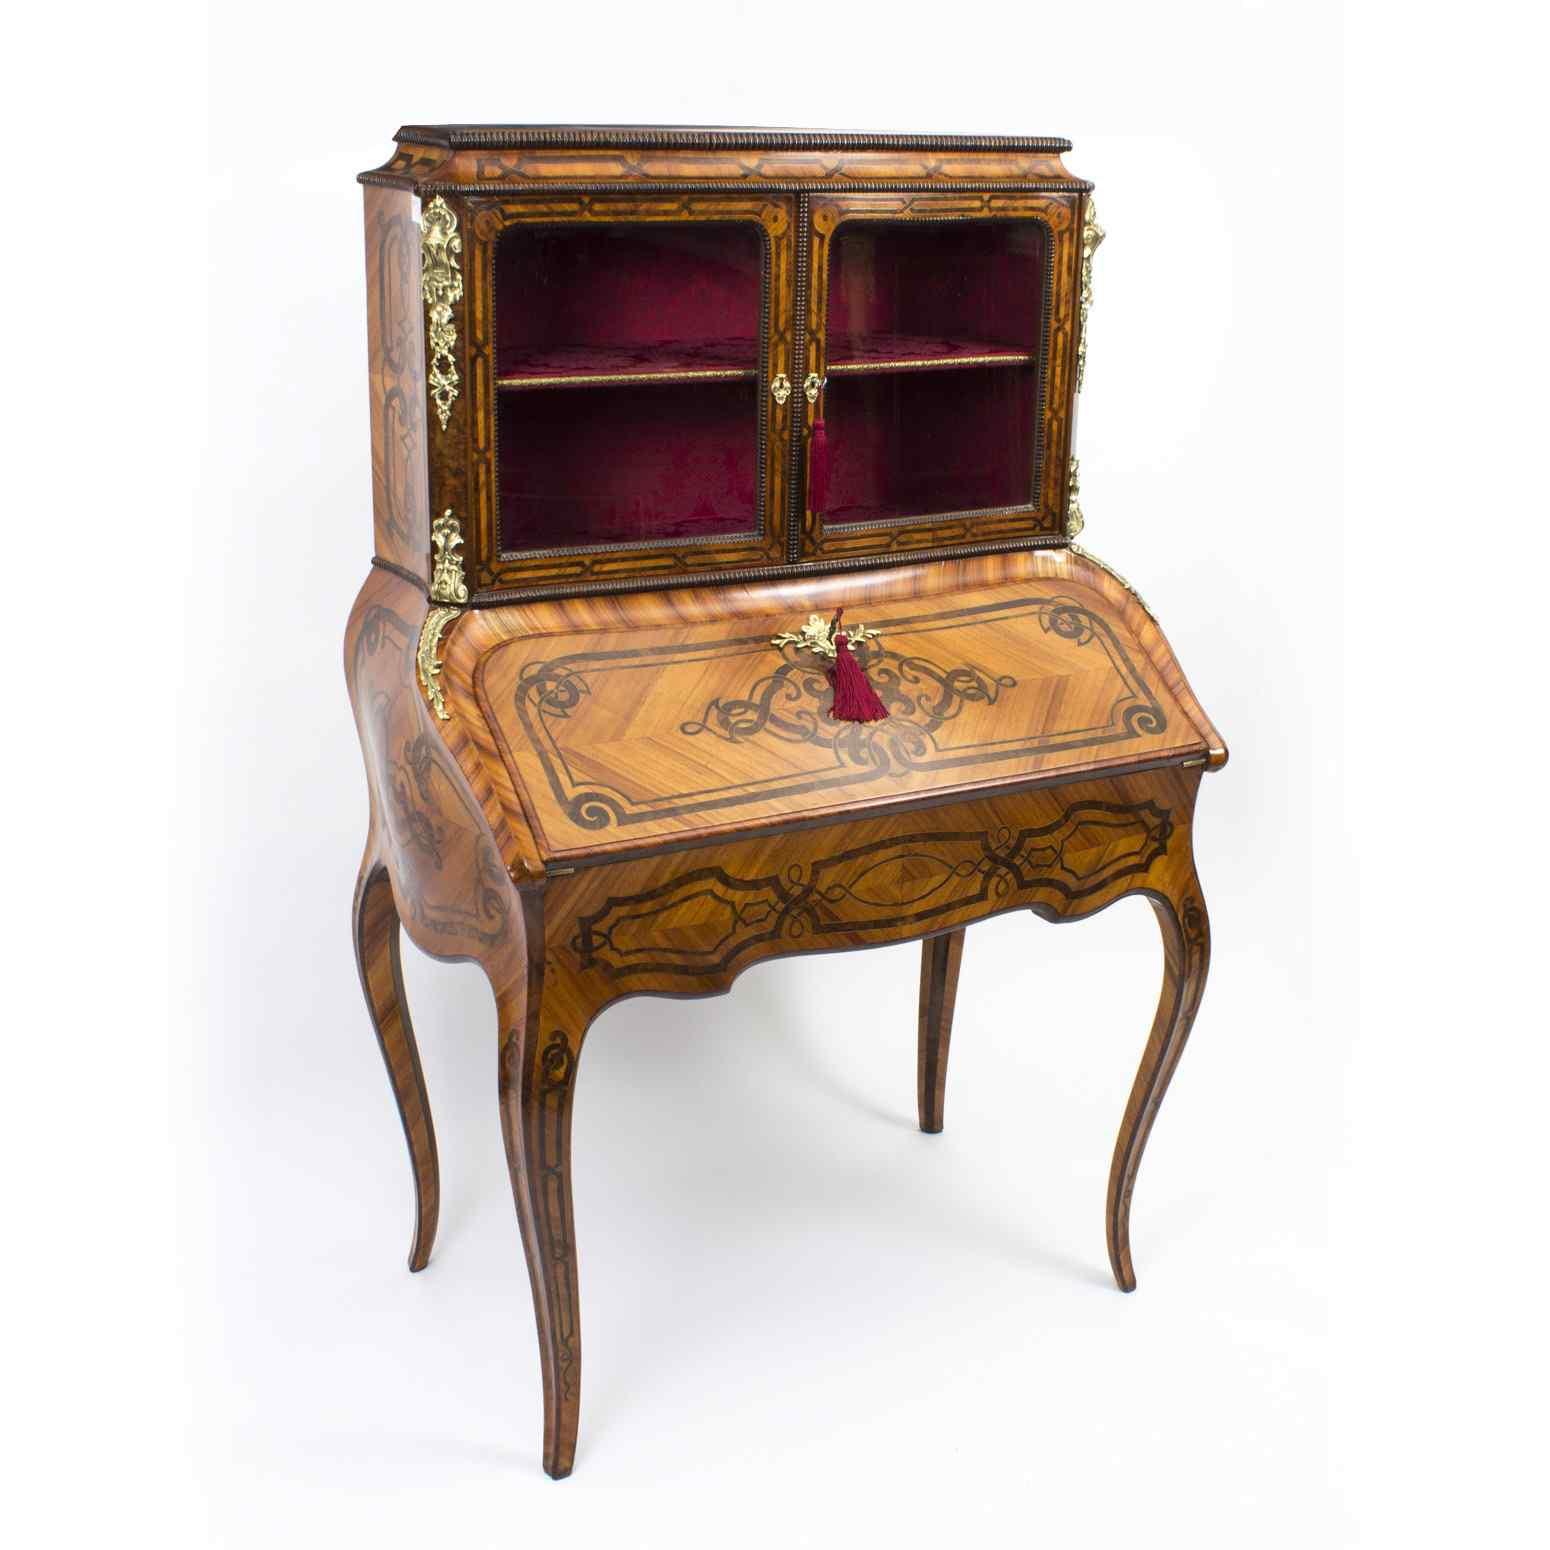 Antico francese Bonheur du Jour Kingwood & Marquetry c.1850